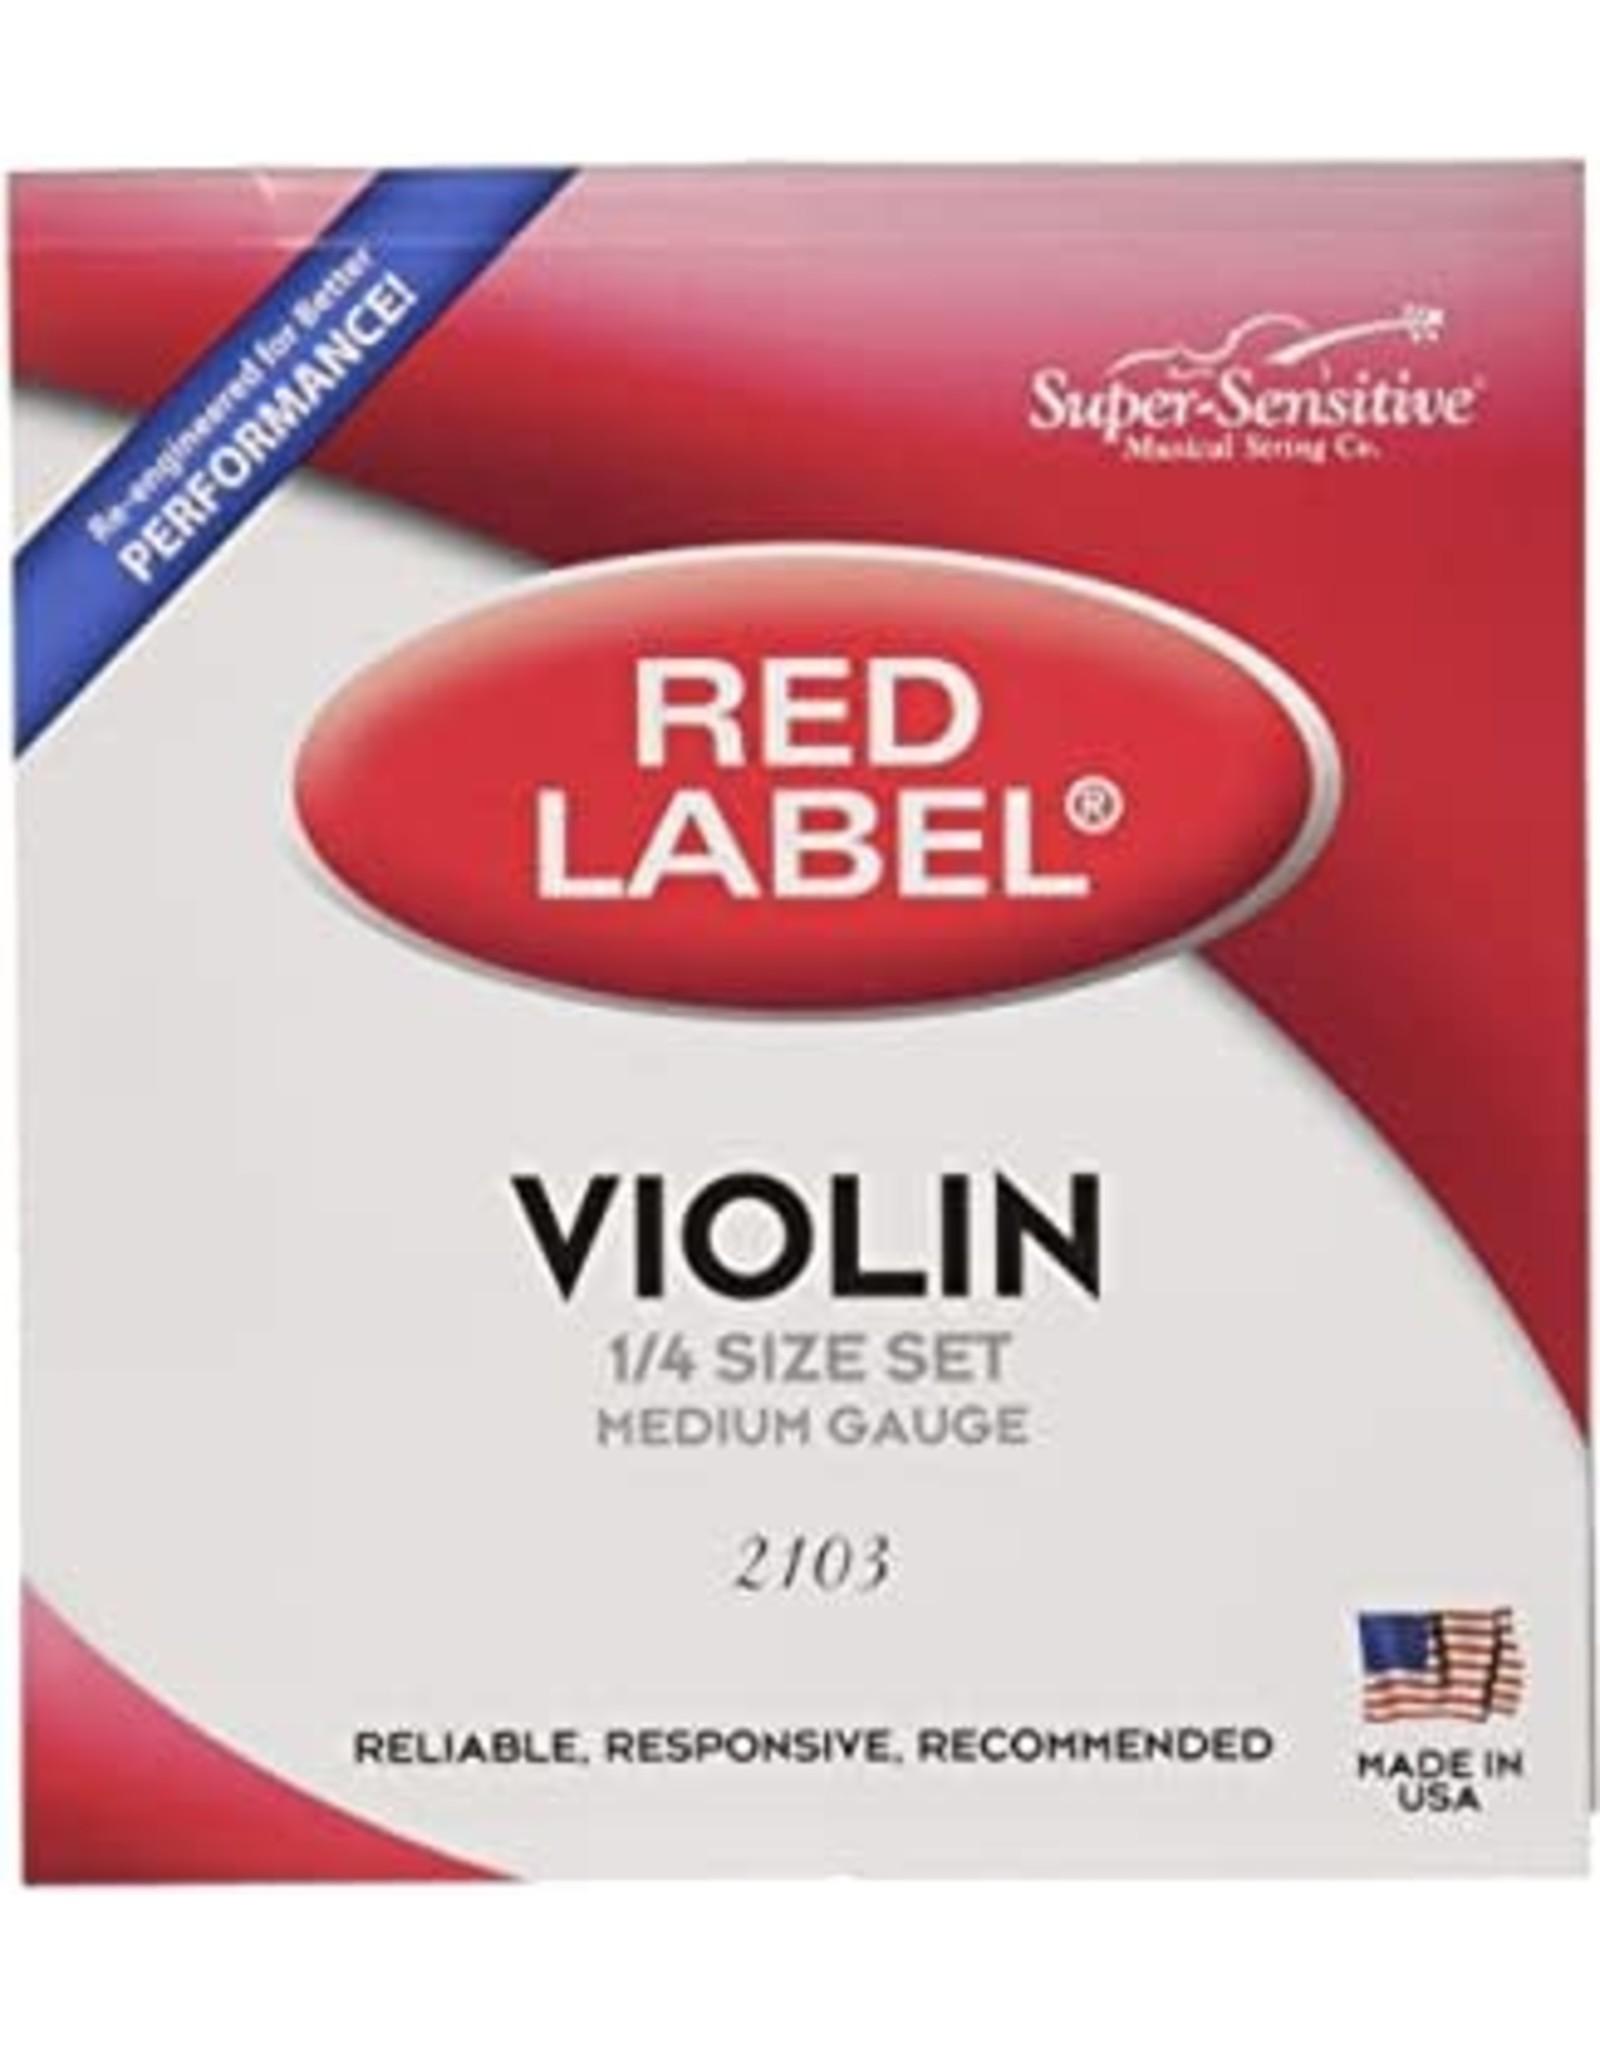 Red Label Red Label Super-Sensitive Violin Strings Medium 1/4 Size